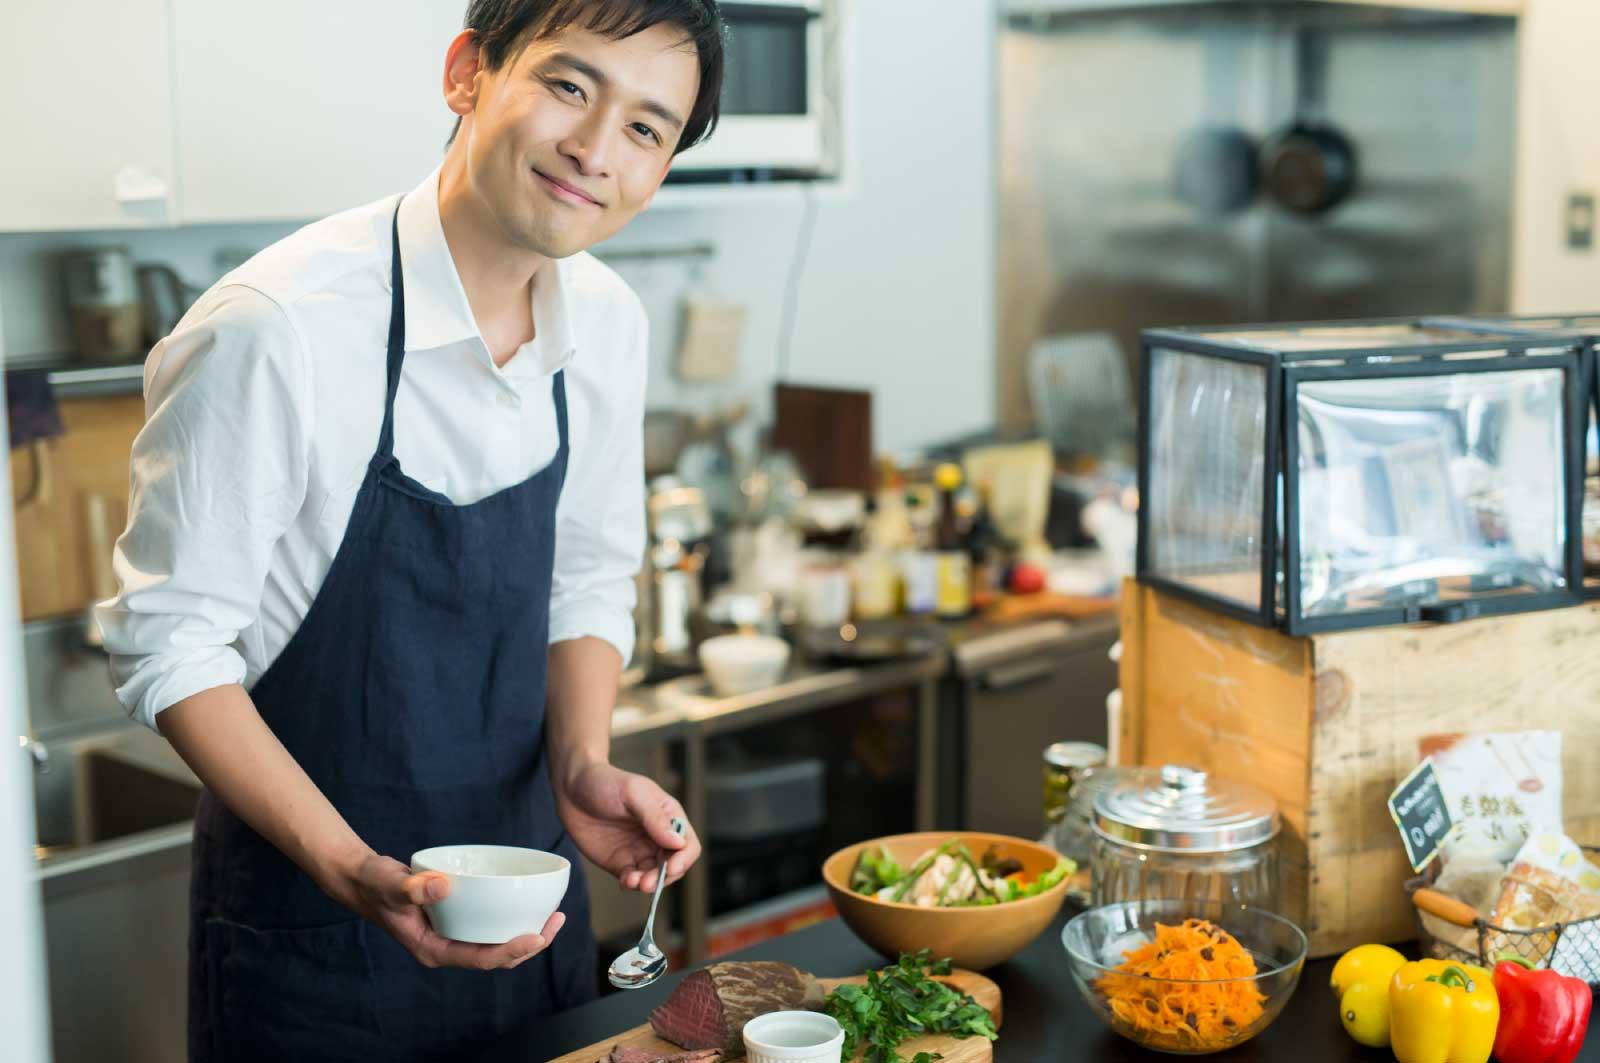 滋賀のカフェの店長